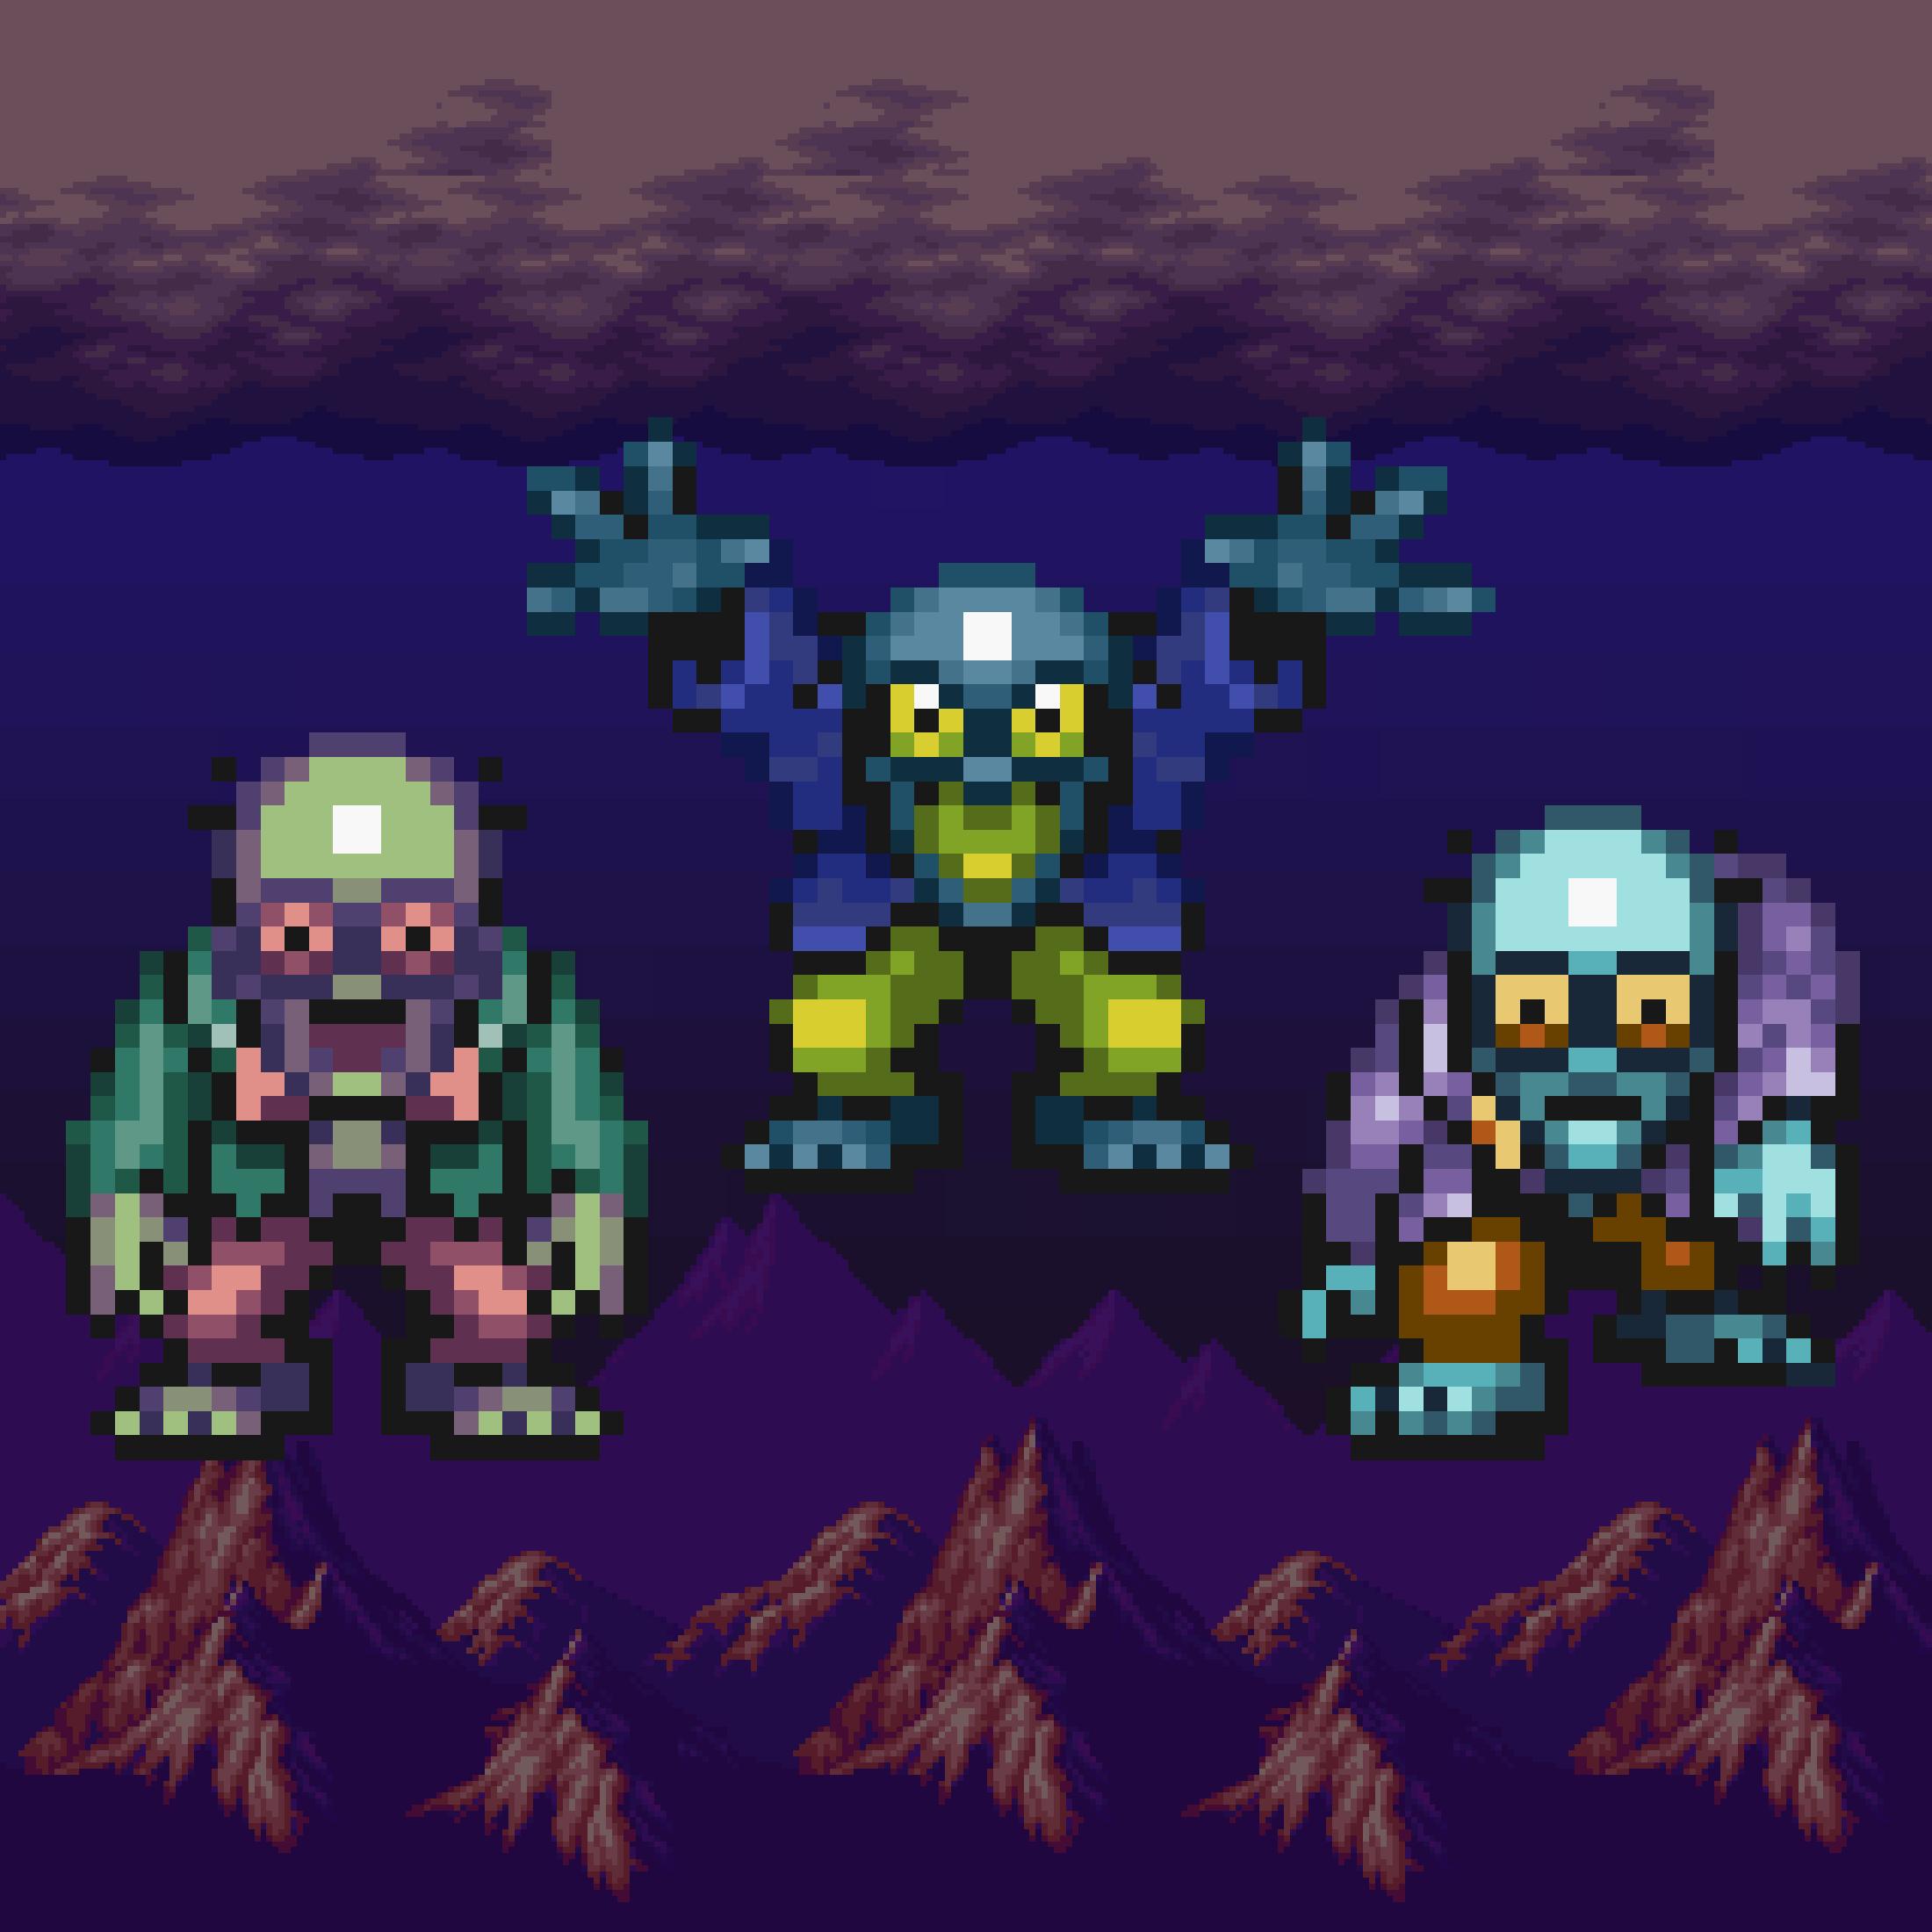 pixel-art-zombie.png